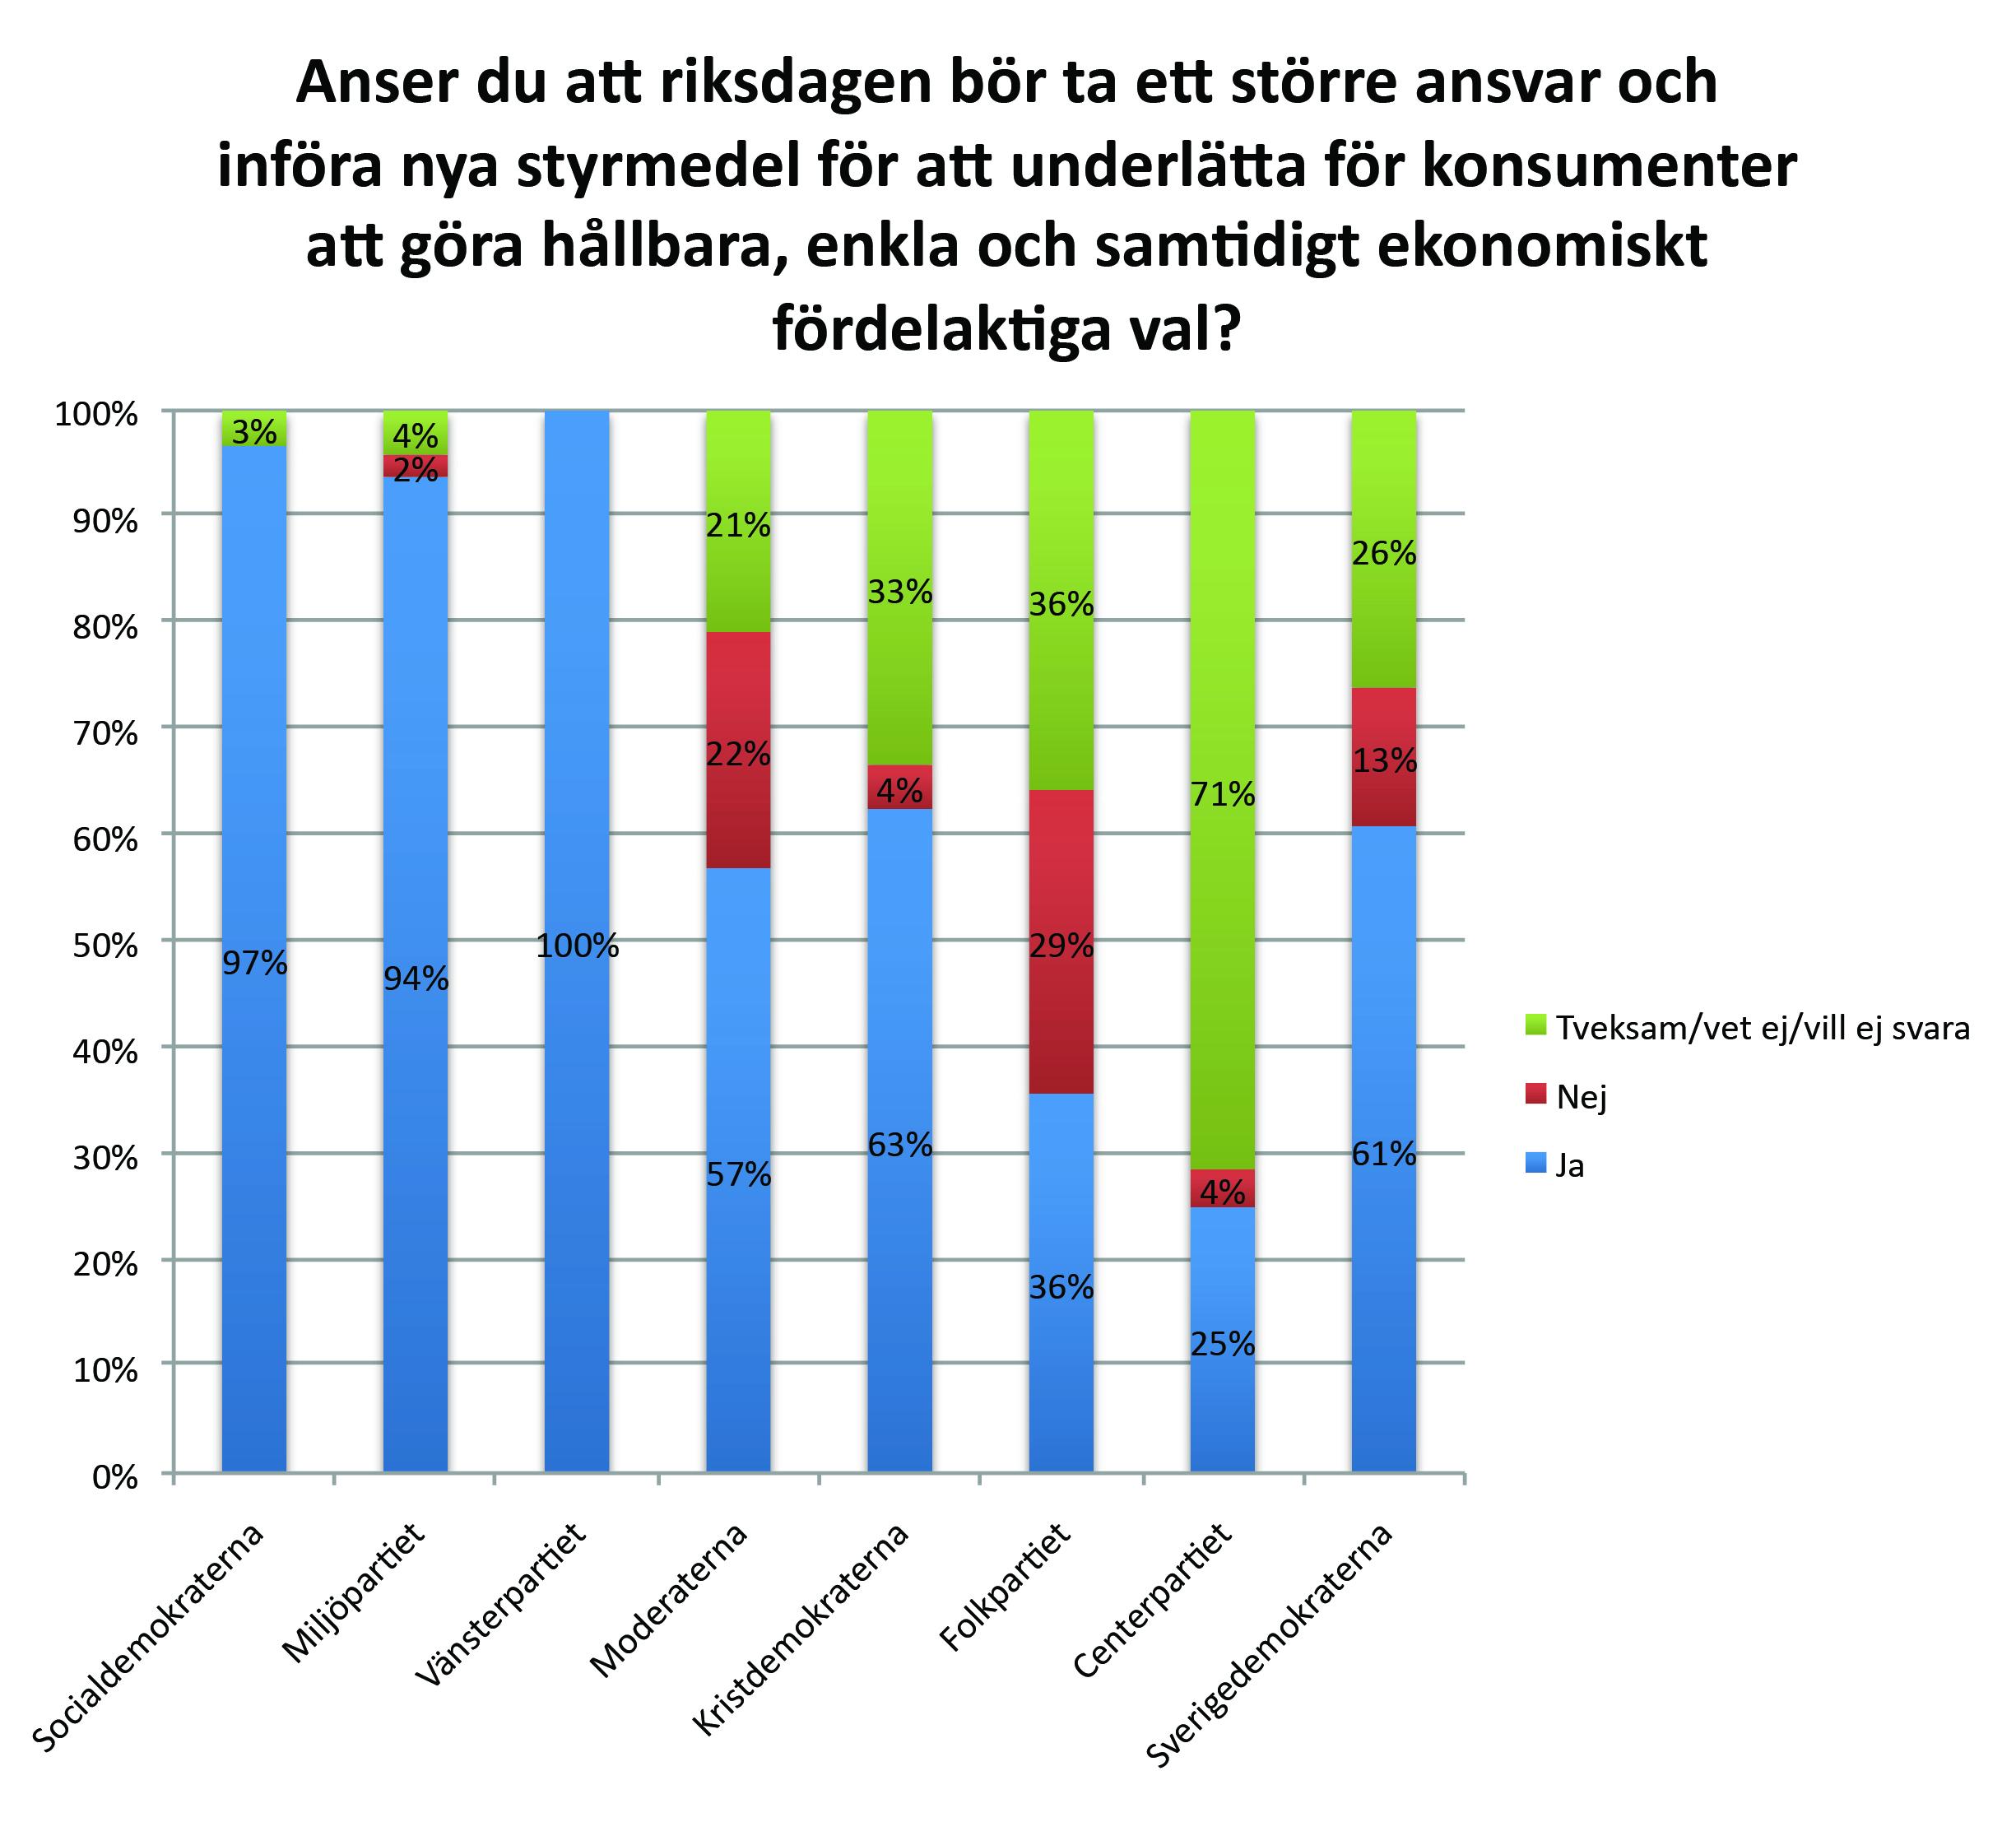 Nya styrmedel för hållbara val - så tycker partierna.